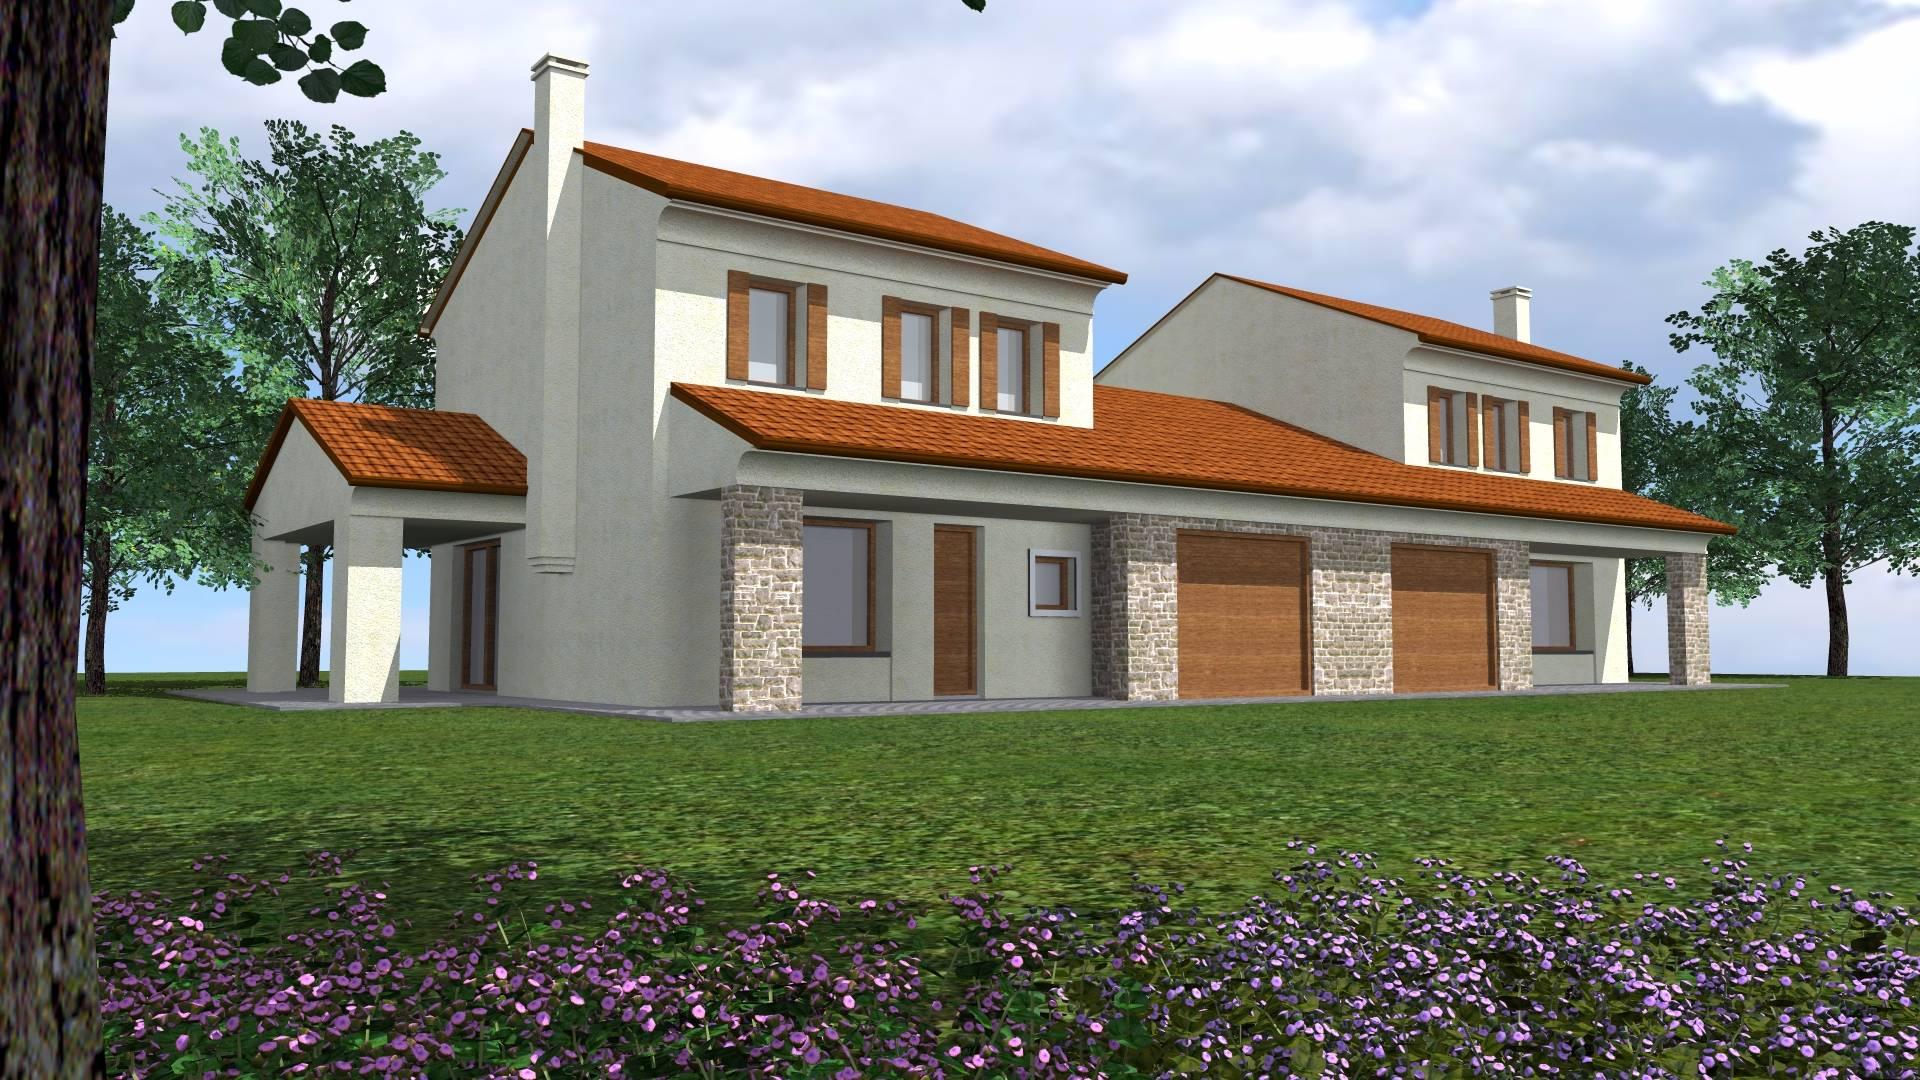 Villa Bifamiliare in vendita a San Vendemiano, 7 locali, zona Zona: Zoppé, prezzo € 390.000   CambioCasa.it